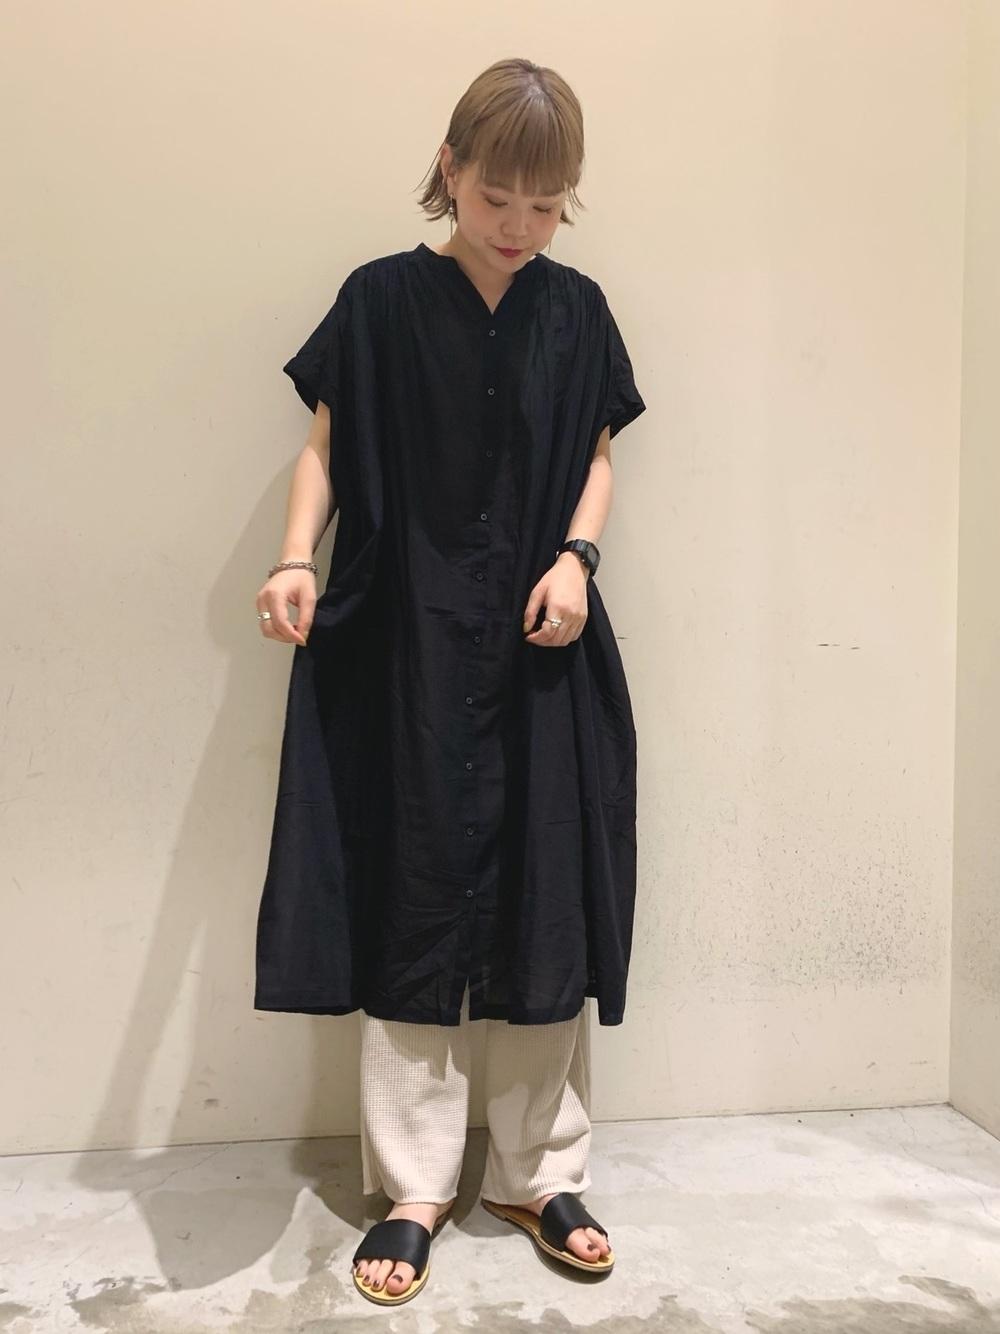 學會長版襯衫多樣穿法就能省時又不失時髦感!